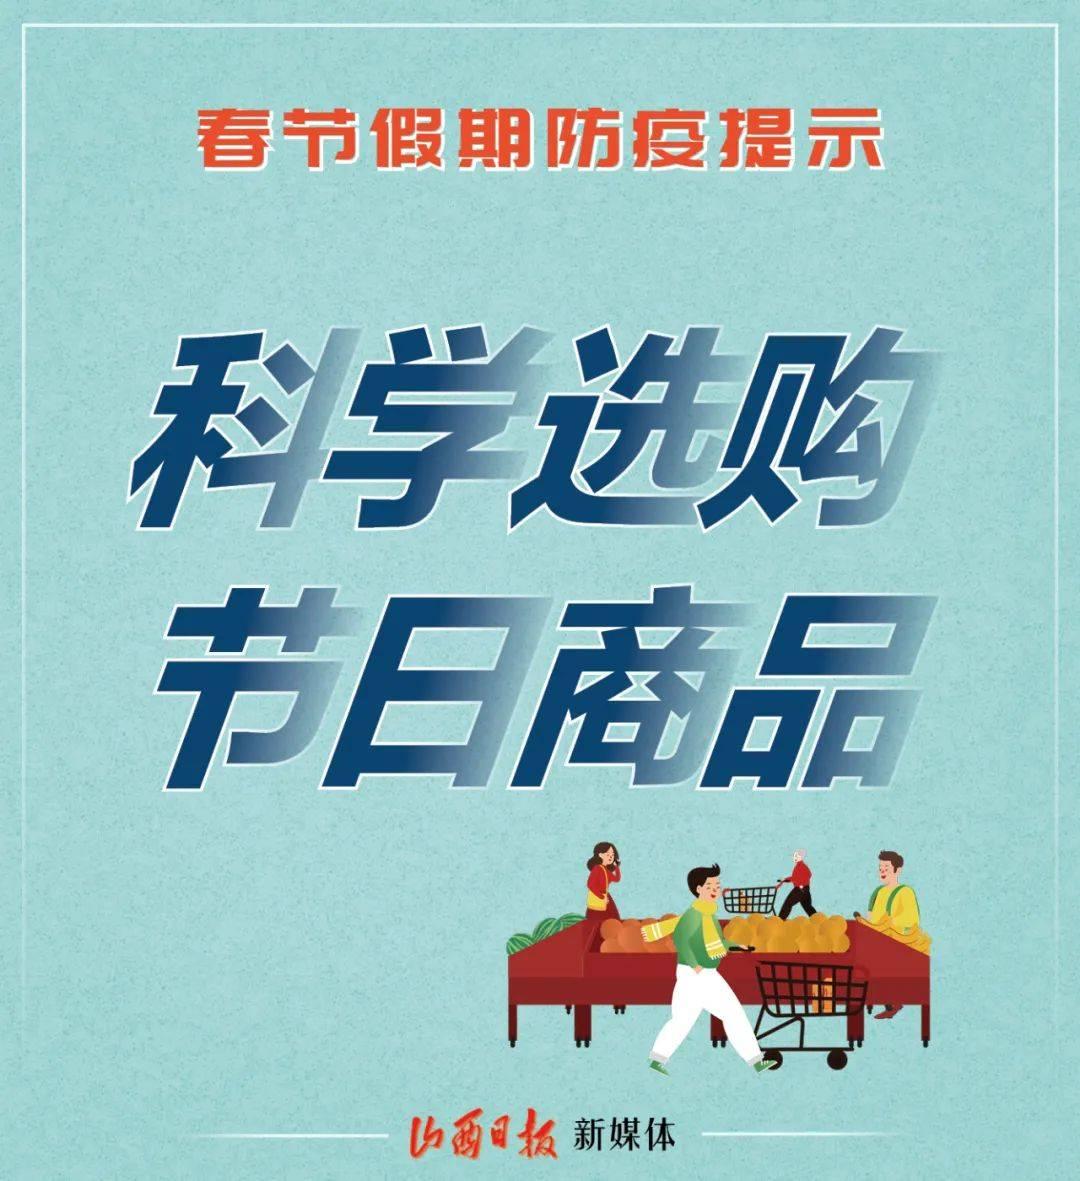 海报丨字不多,很重要!春节假期防控提示  第4张